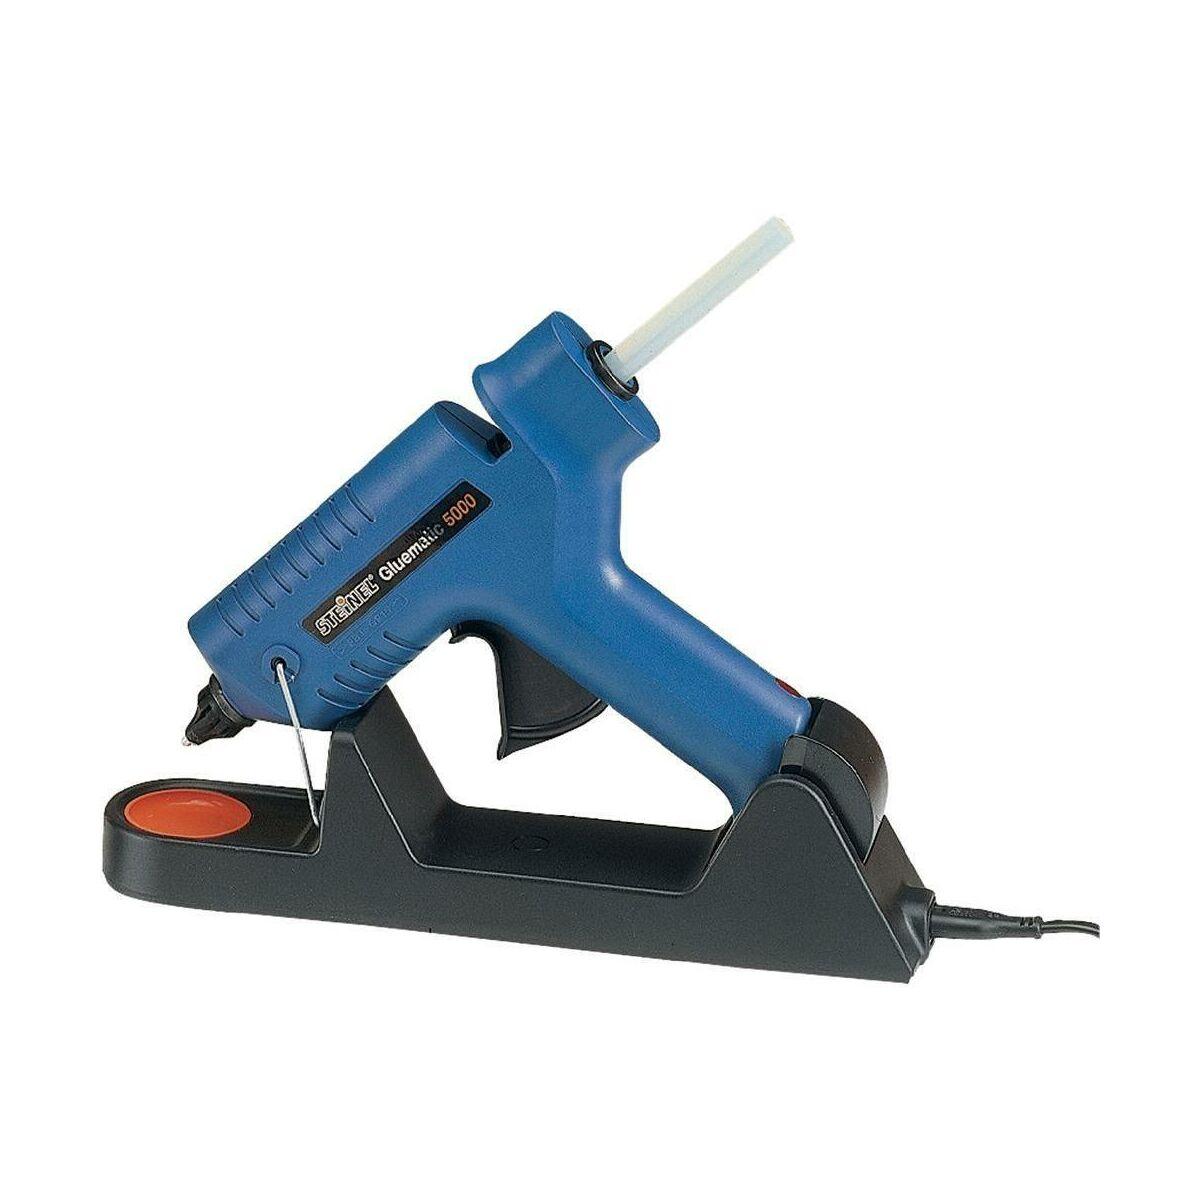 Pistolet Do Klejenia Na Goraco 500 W Gluematic 5000 Steinel Pistolety Do Kleju W Atrakcyjnej Cenie W Sklepach Leroy Merlin